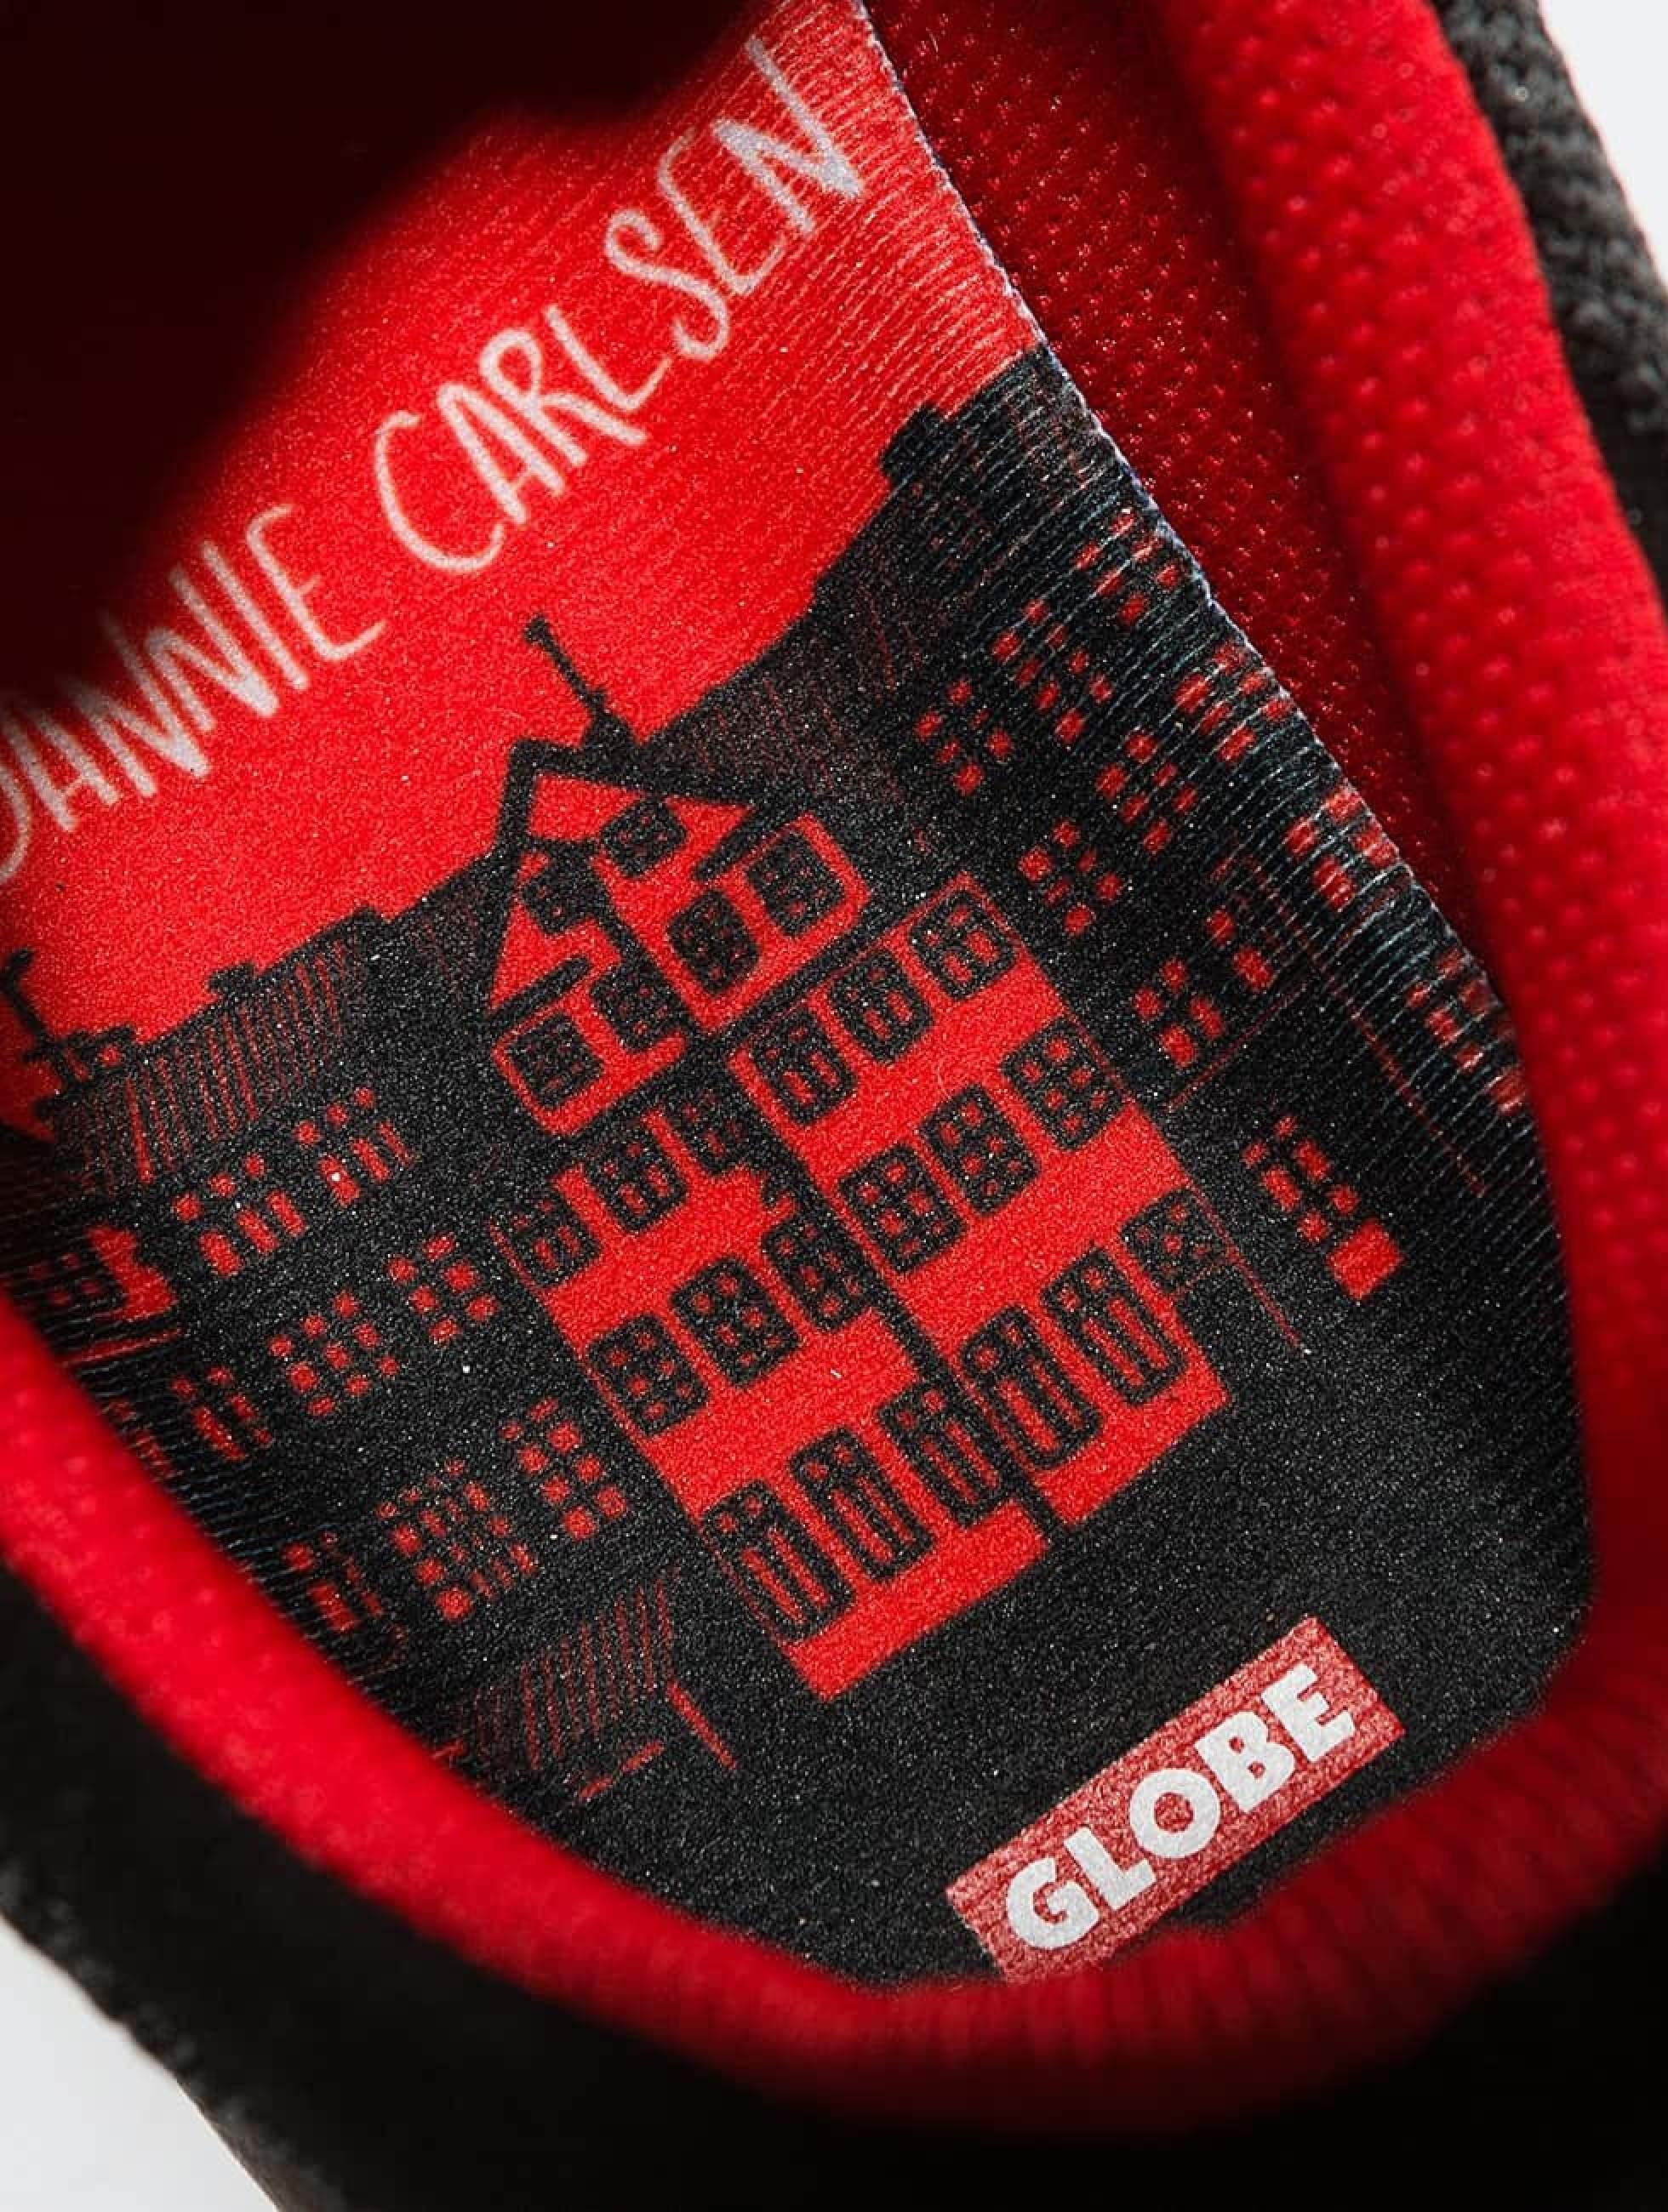 Globe Herren Schuhe / Mahalo Sneaker Mahalo / SG 14da32